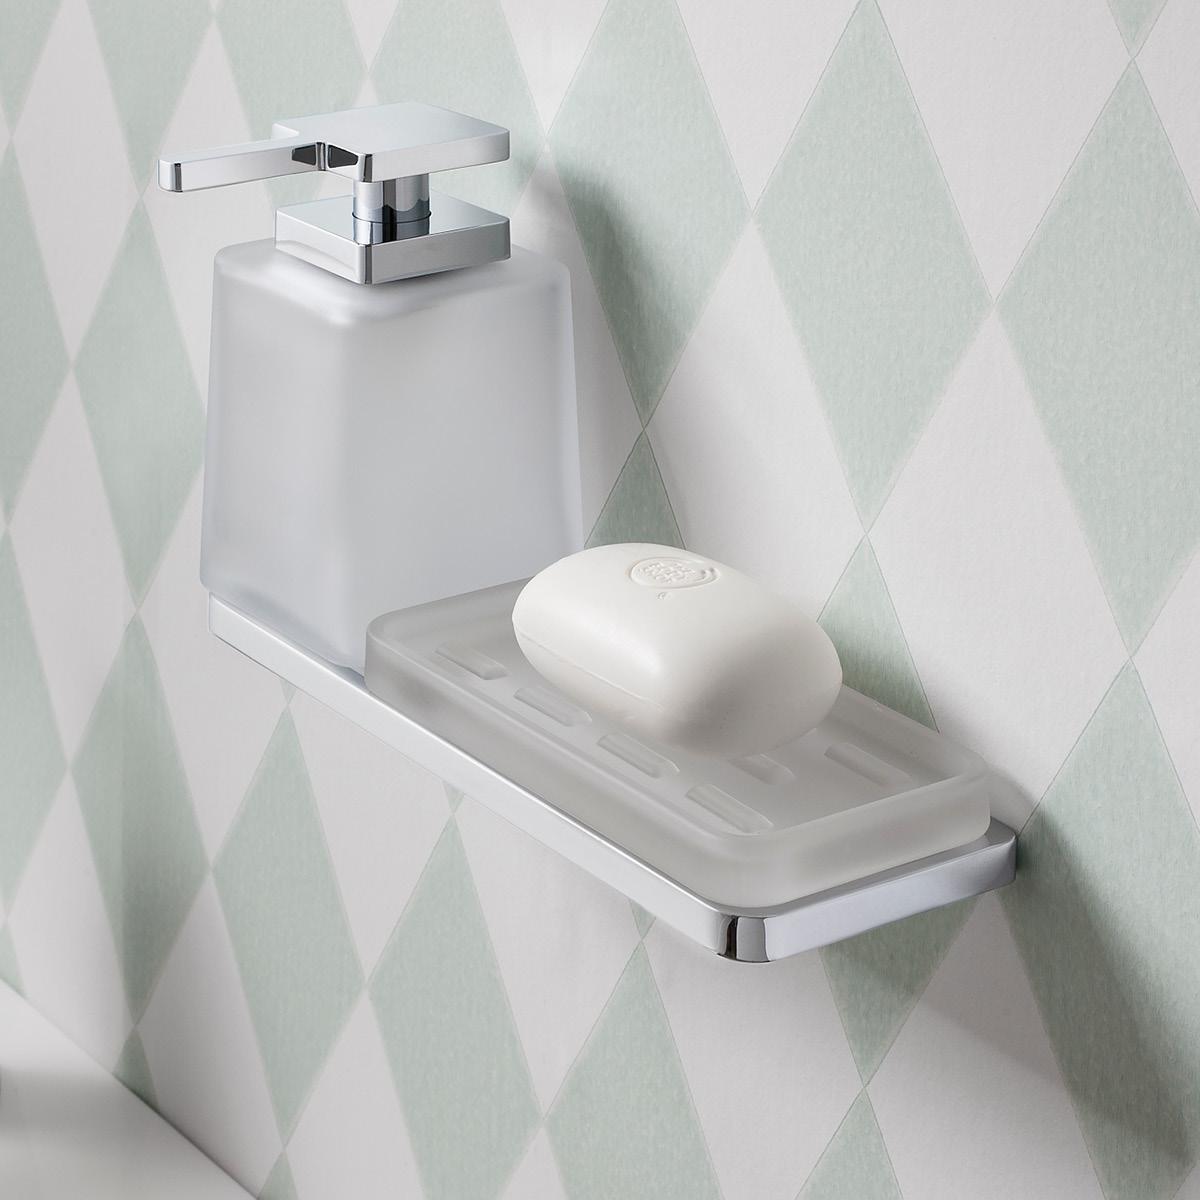 Wisp triple wall holder in Tumbler Holders | Luxury bathrooms UK ...